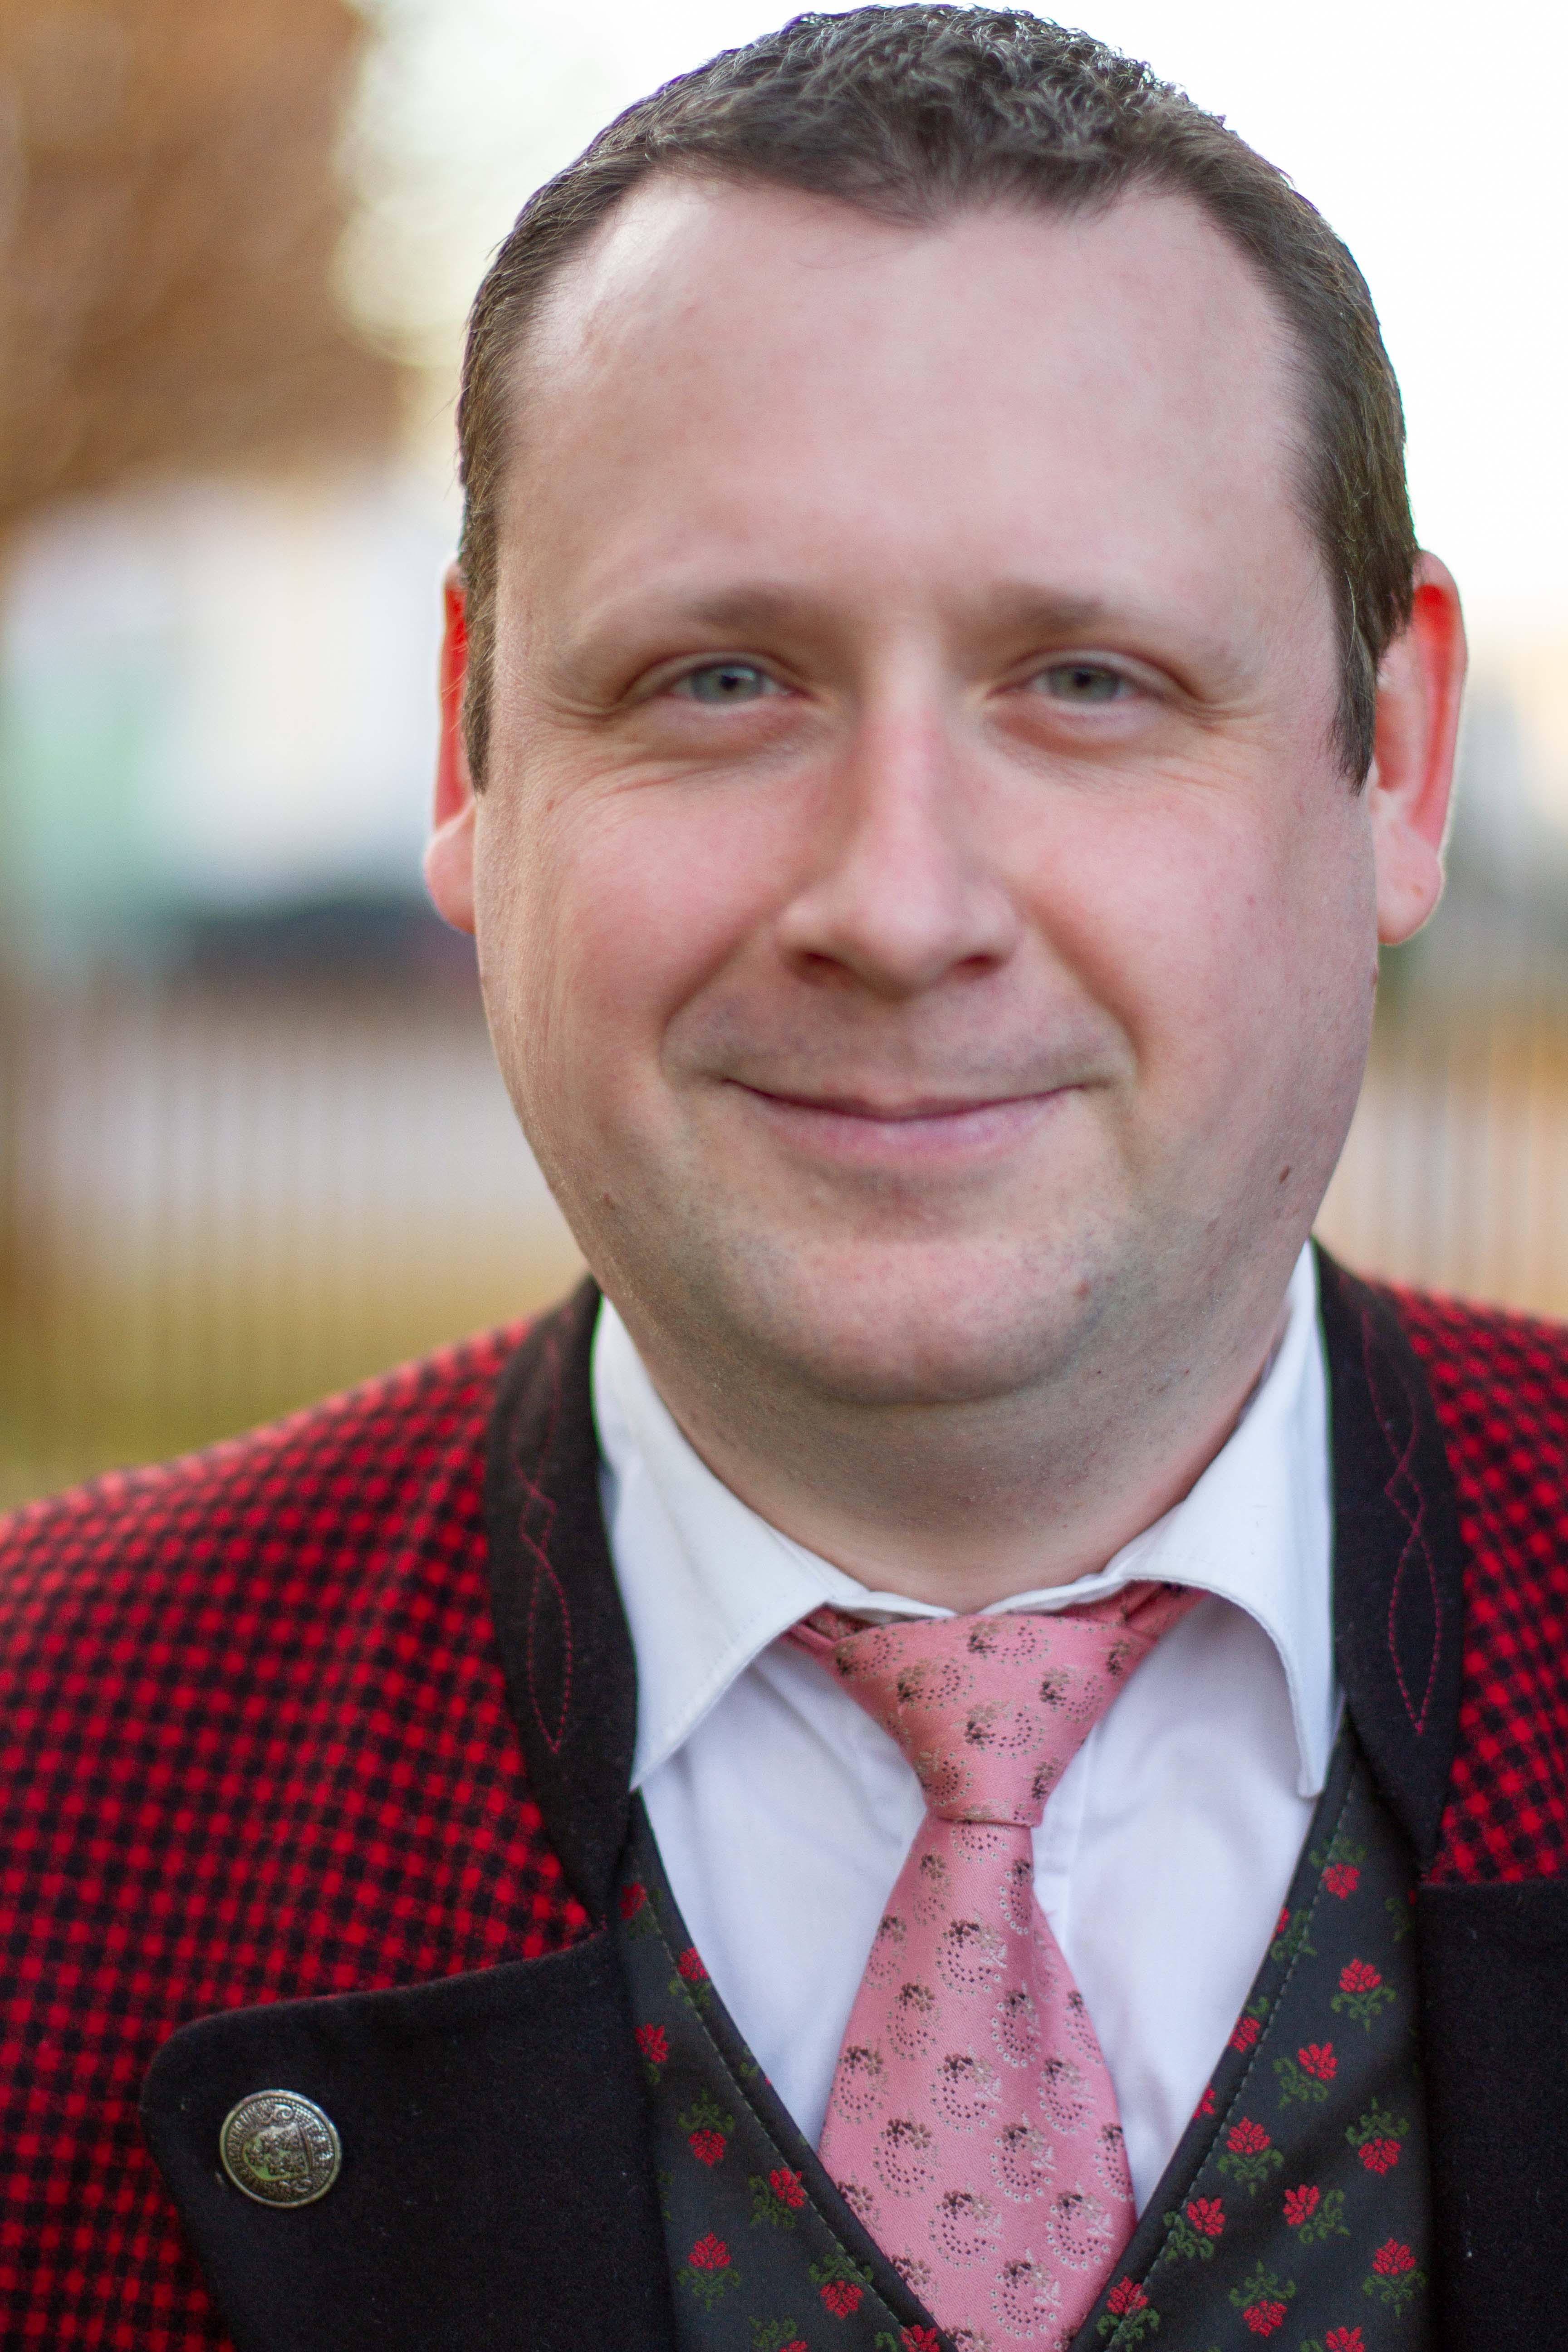 Hubert Polansky